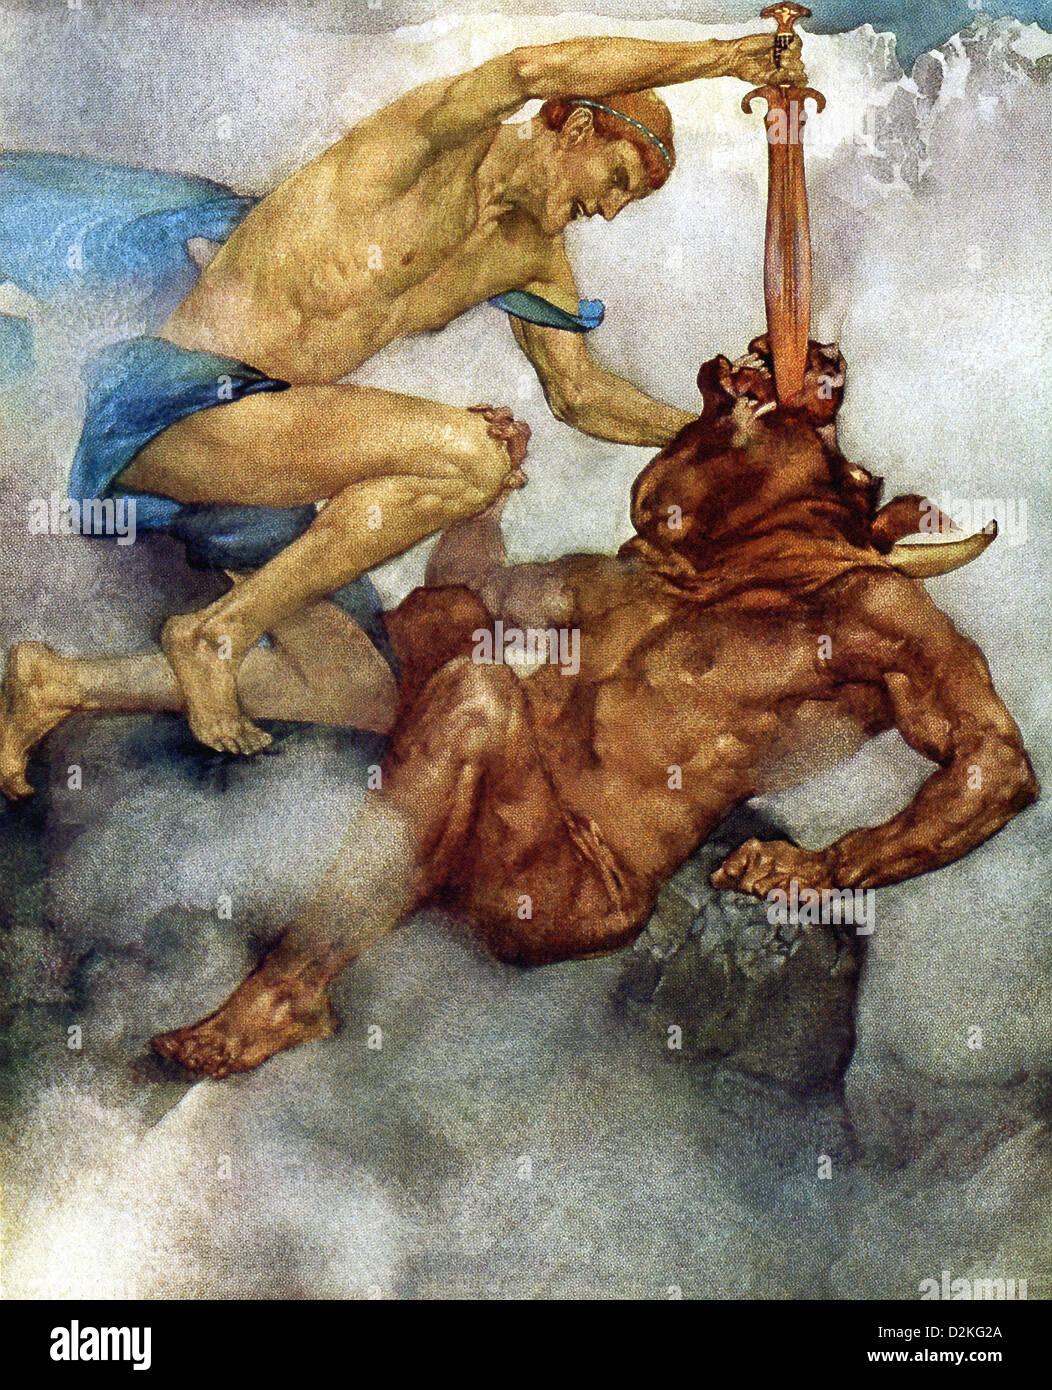 Qui A Tué Le Minotaure : minotaure, Mythologie, Grecque,, Thésée, Héros, Légendaire, D'Athènes,, Minotaure,, Minos, Crète, Photo, Stock, Alamy